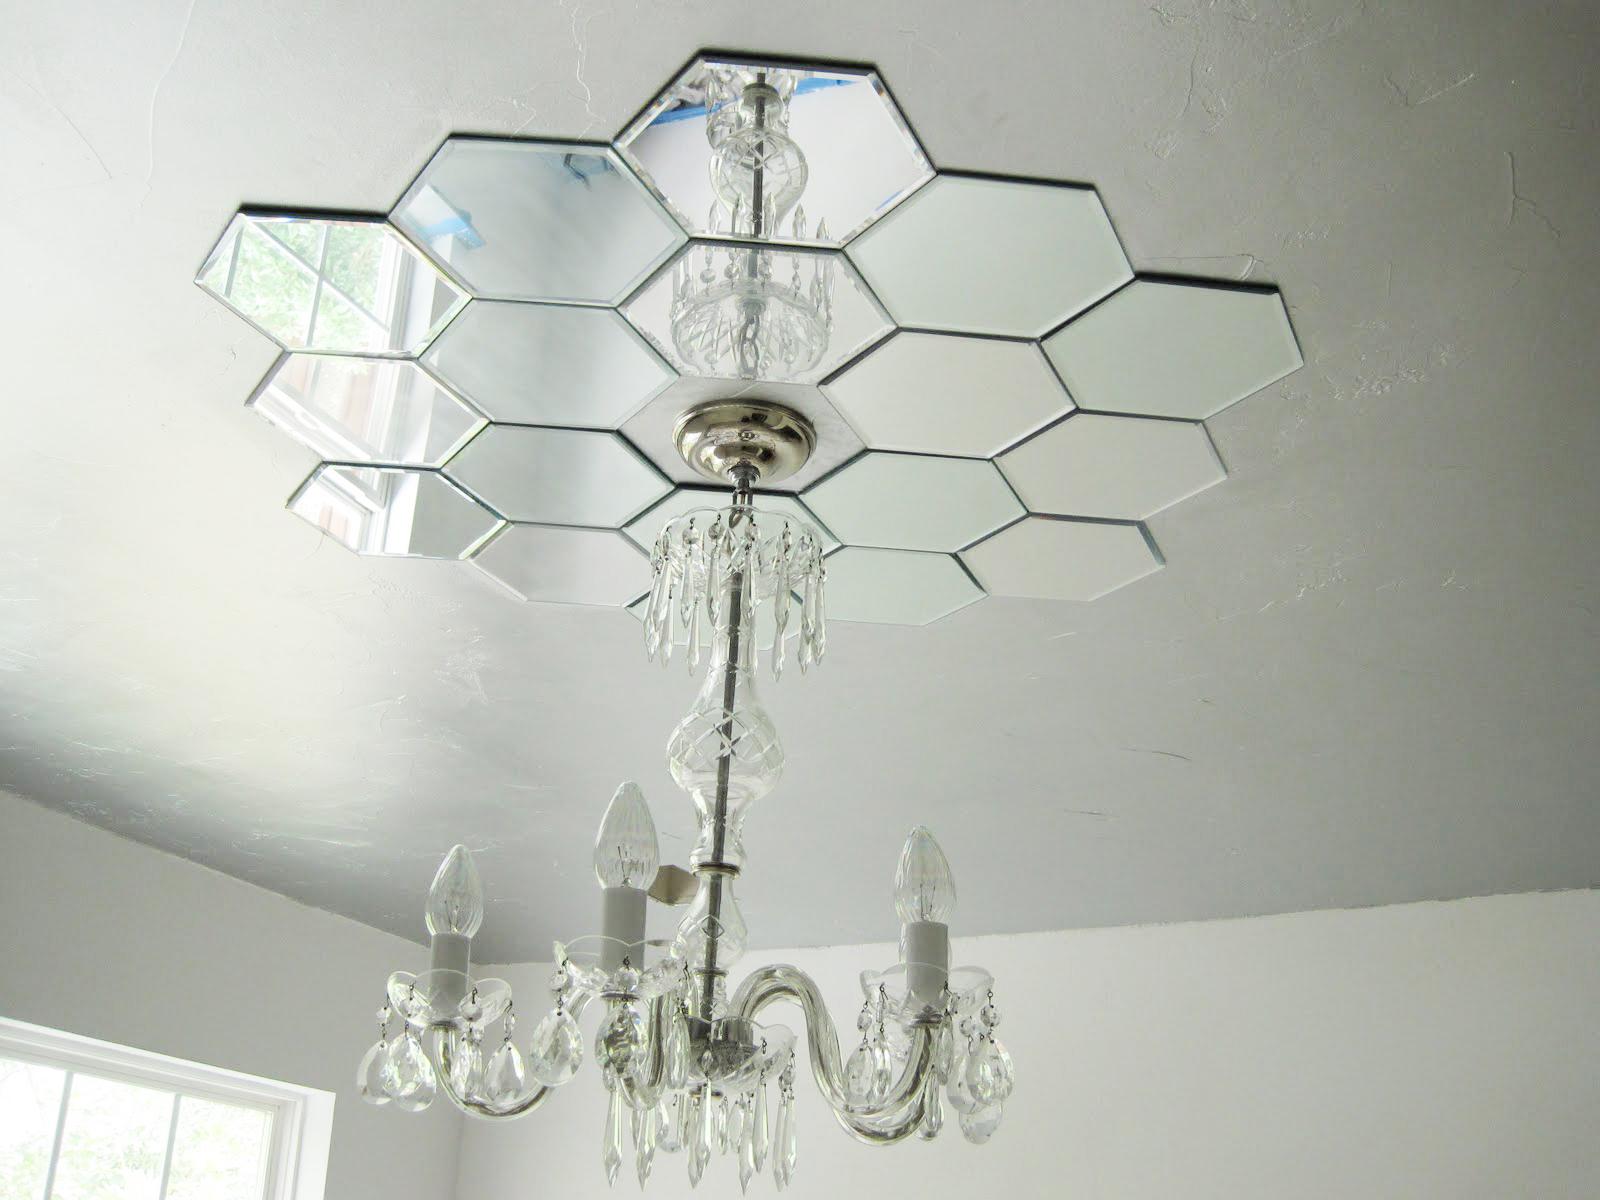 Зеркальная плитка на потолке в гостиной